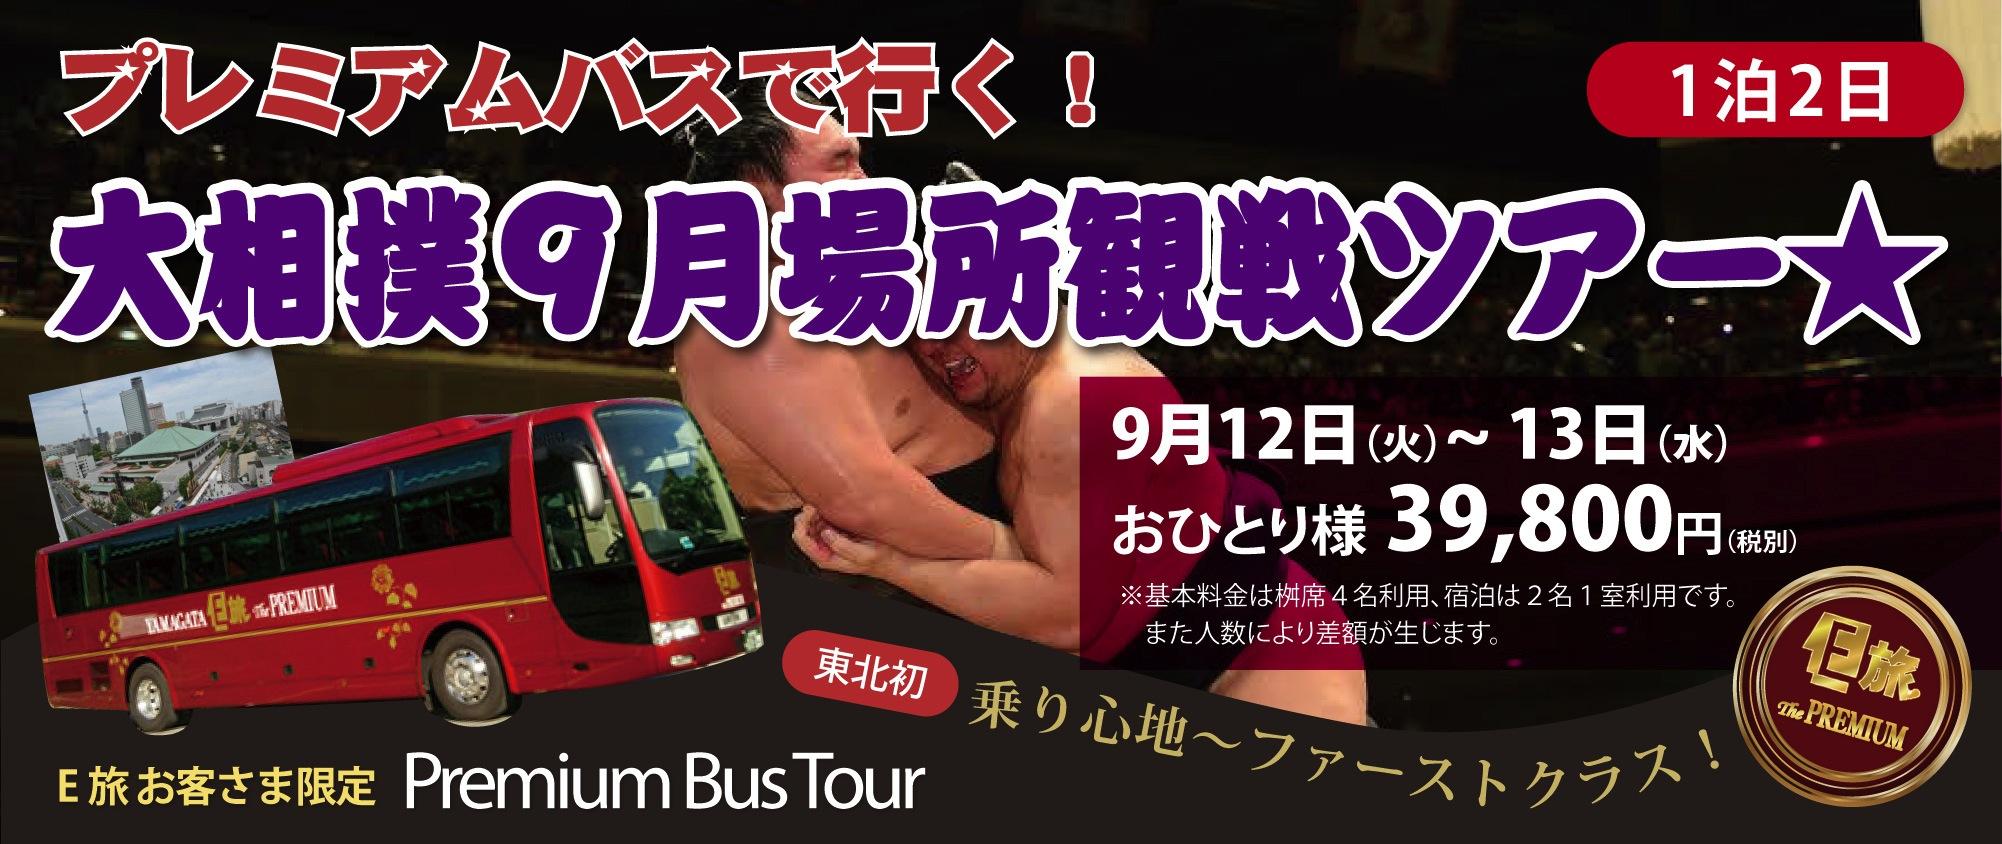 プレミアムバスで行く!大相撲9月場所観戦ツアー★9月12日(火)〜13日(水) 1泊2日